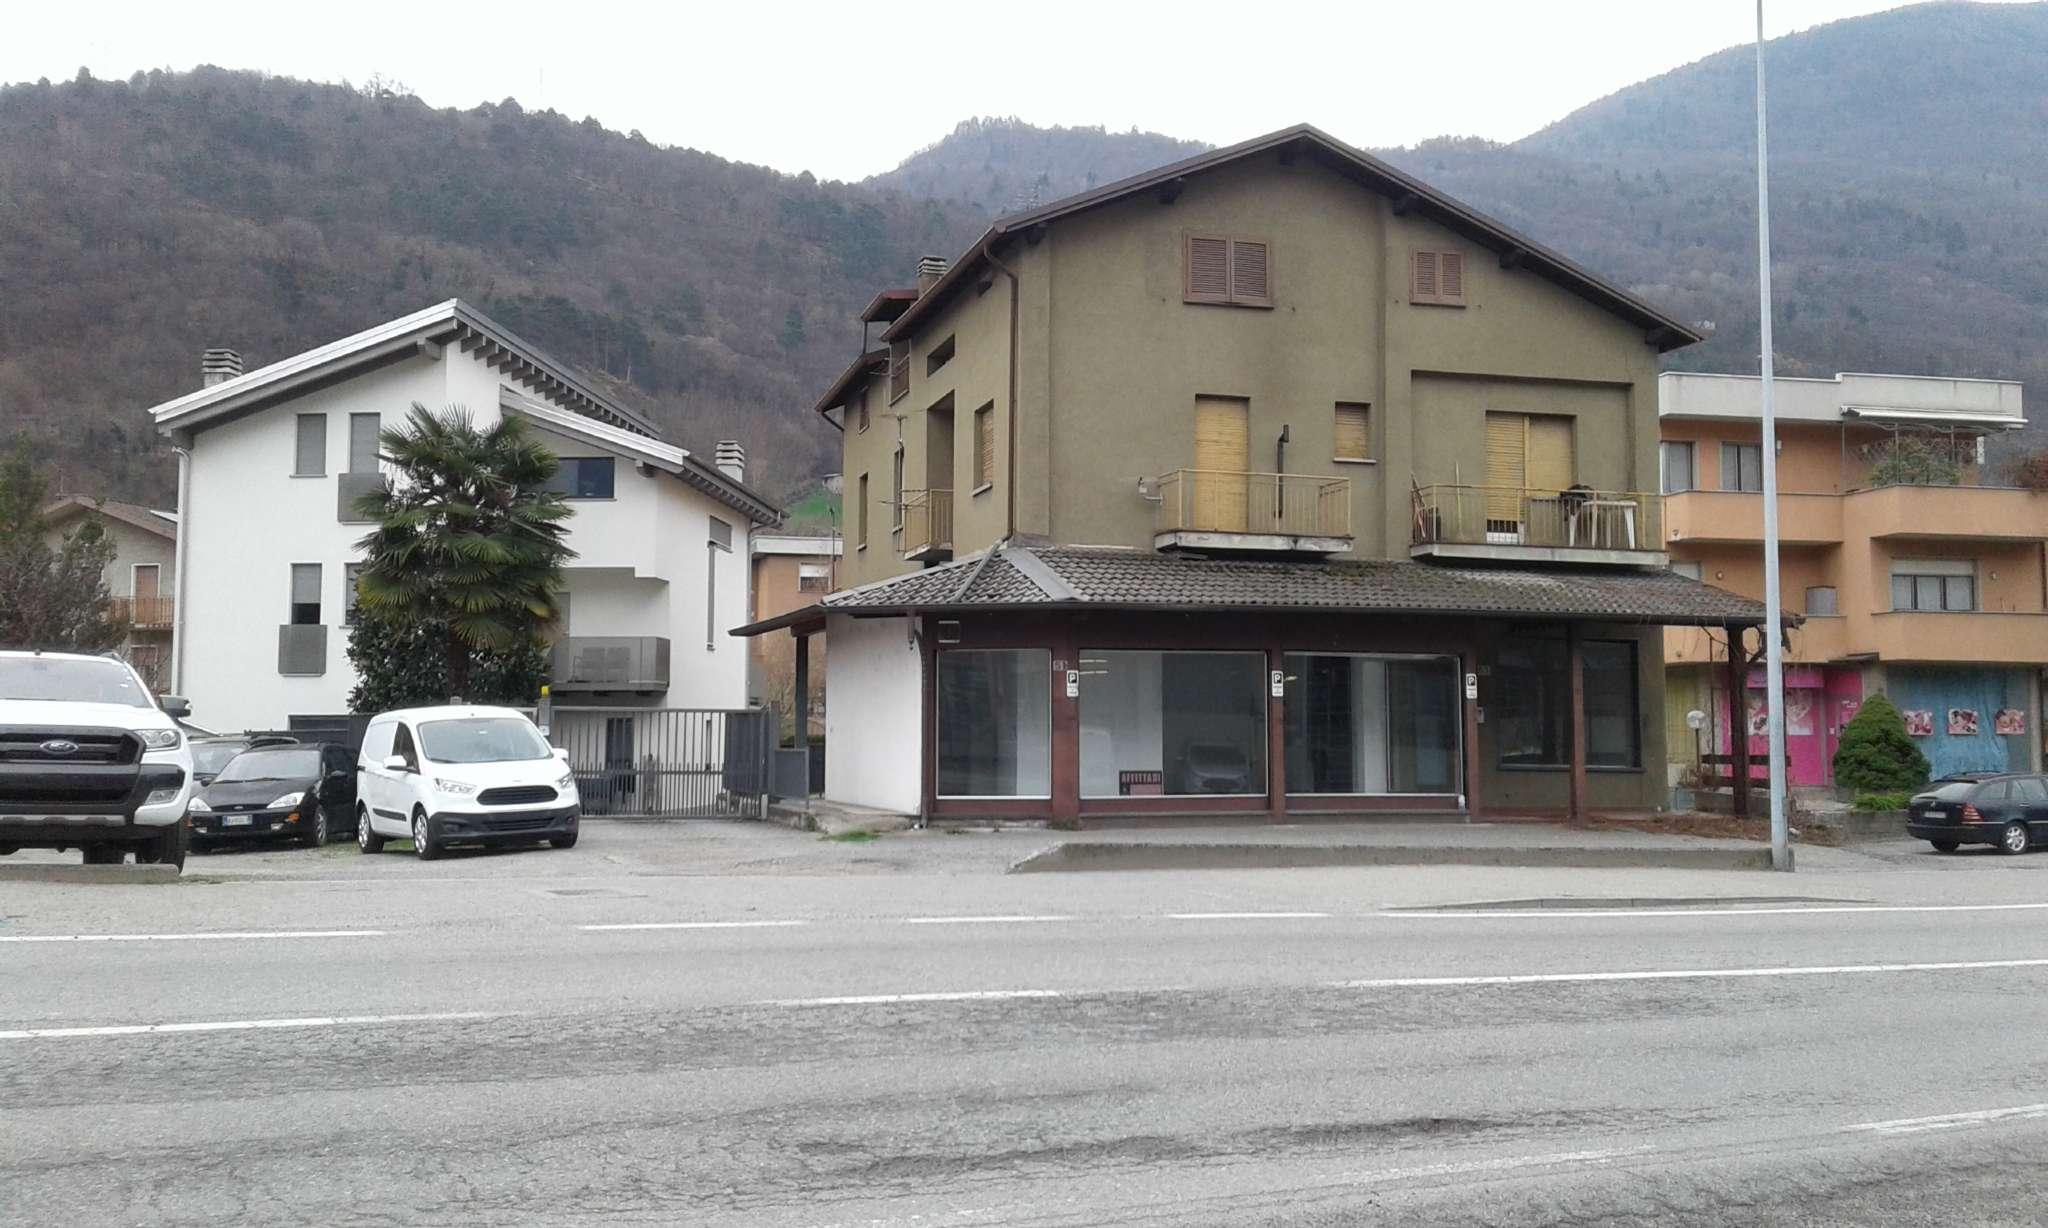 Soluzione Indipendente in vendita a Cosio Valtellino, 9999 locali, prezzo € 295.000 | PortaleAgenzieImmobiliari.it